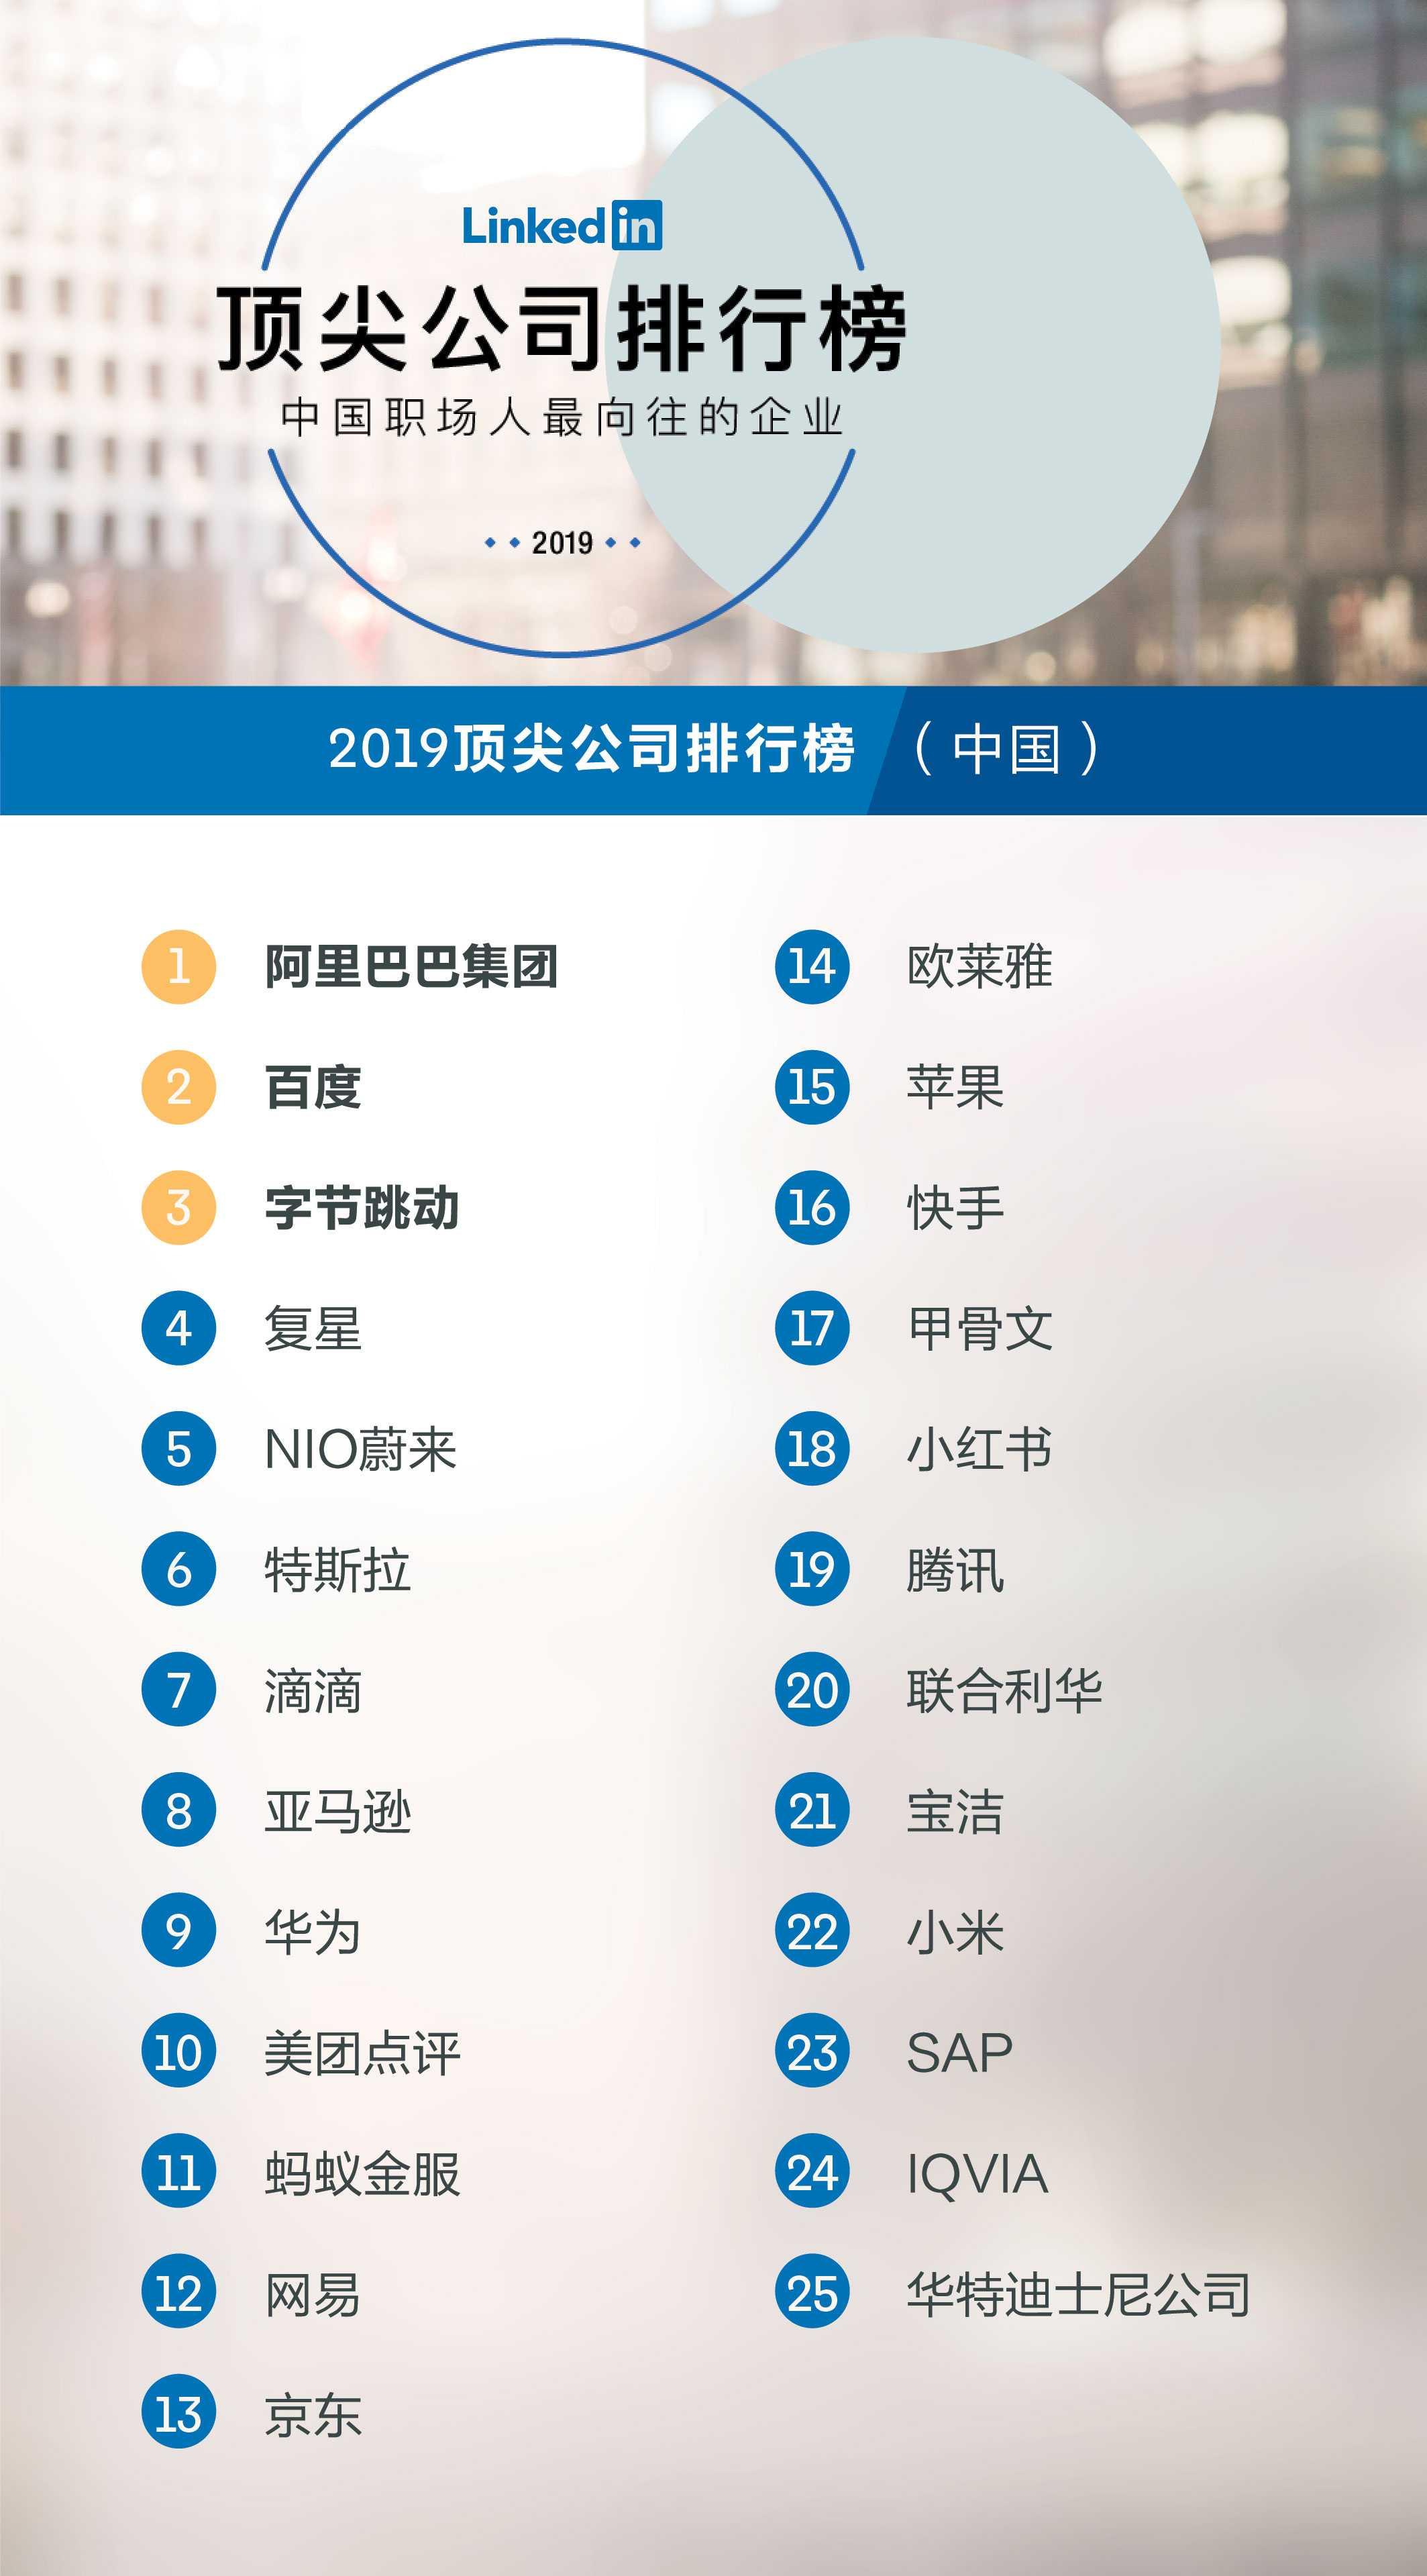 2019年财富排行榜_财富 美国500强发榜,陶氏杜邦 宣伟 PPG等14家化学品公司